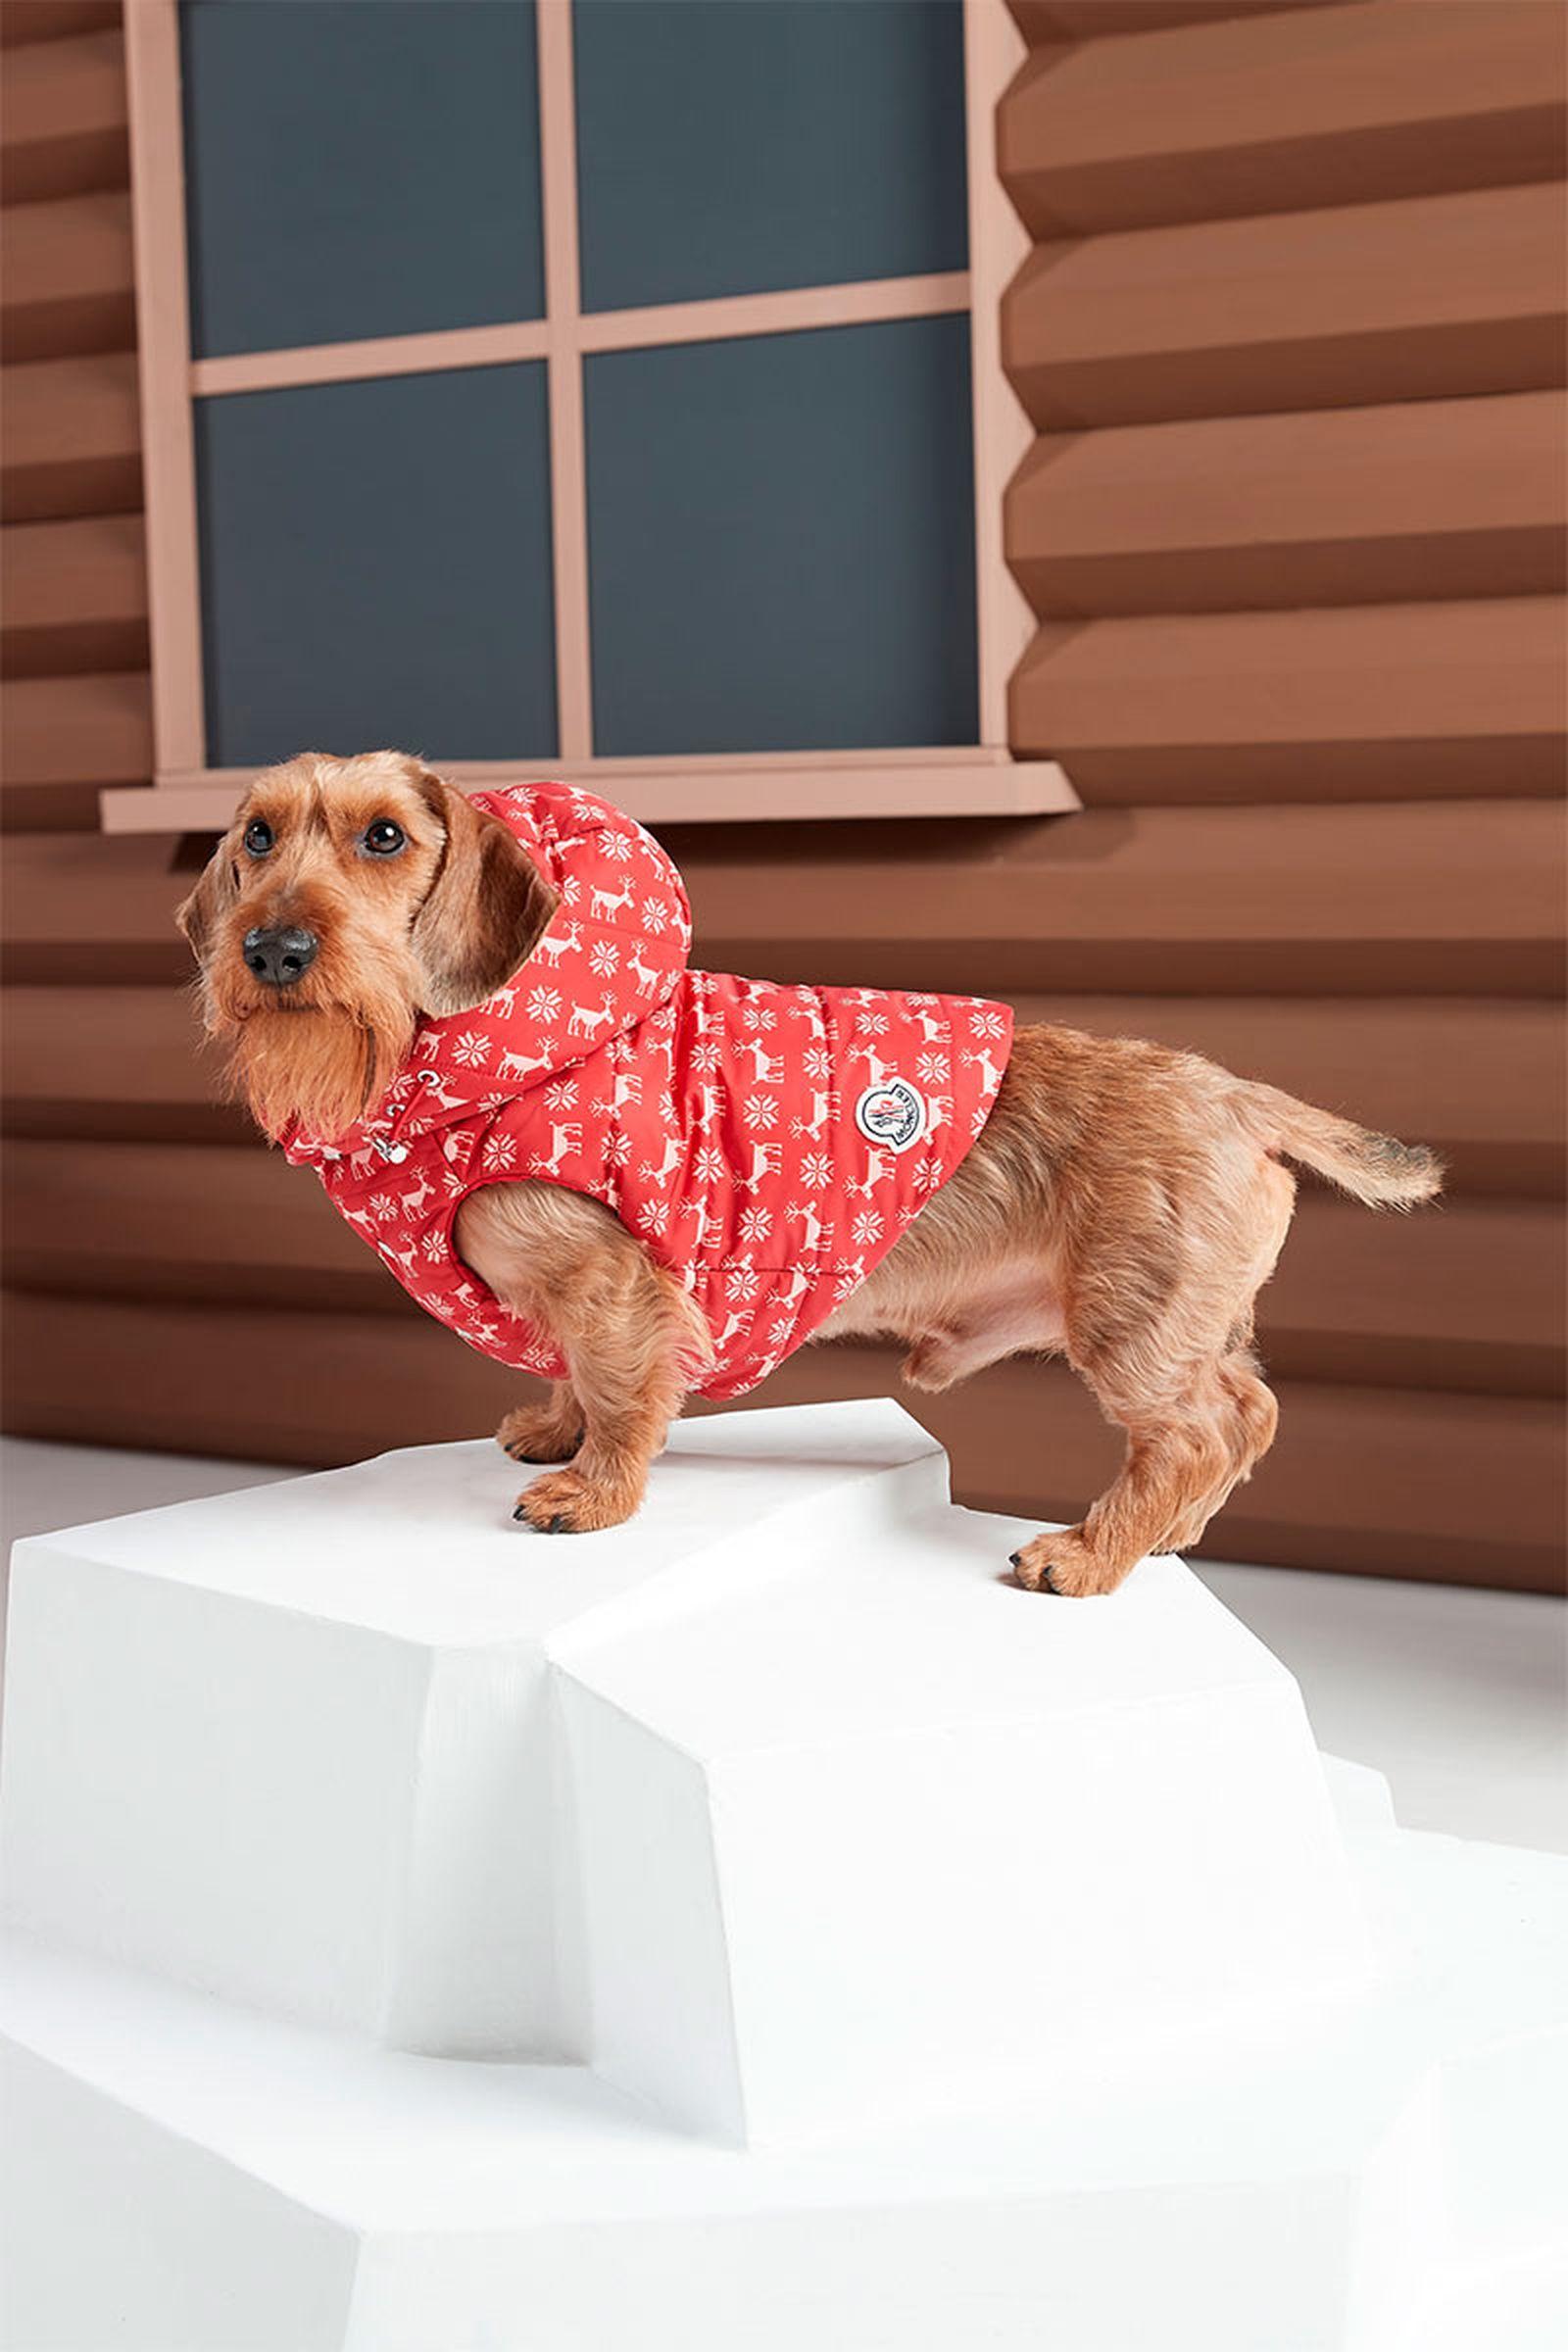 moncler-genius-poldo-dog-couture-3